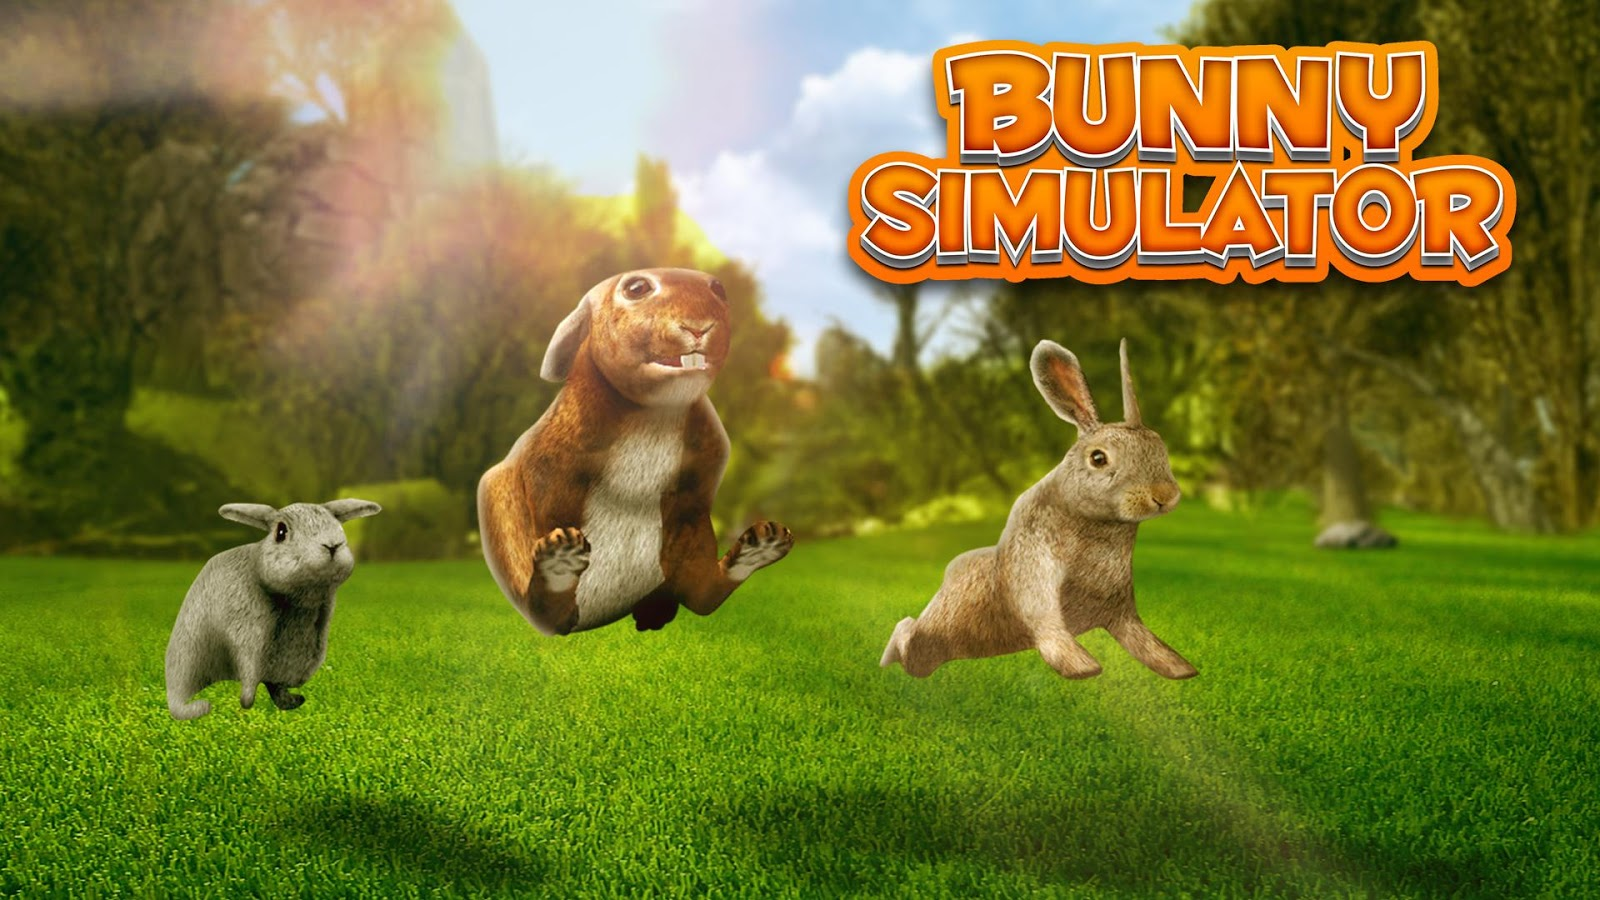 超真实的3d兔子模拟,你指挥可爱的兔子在美丽的地方探索奔跑!